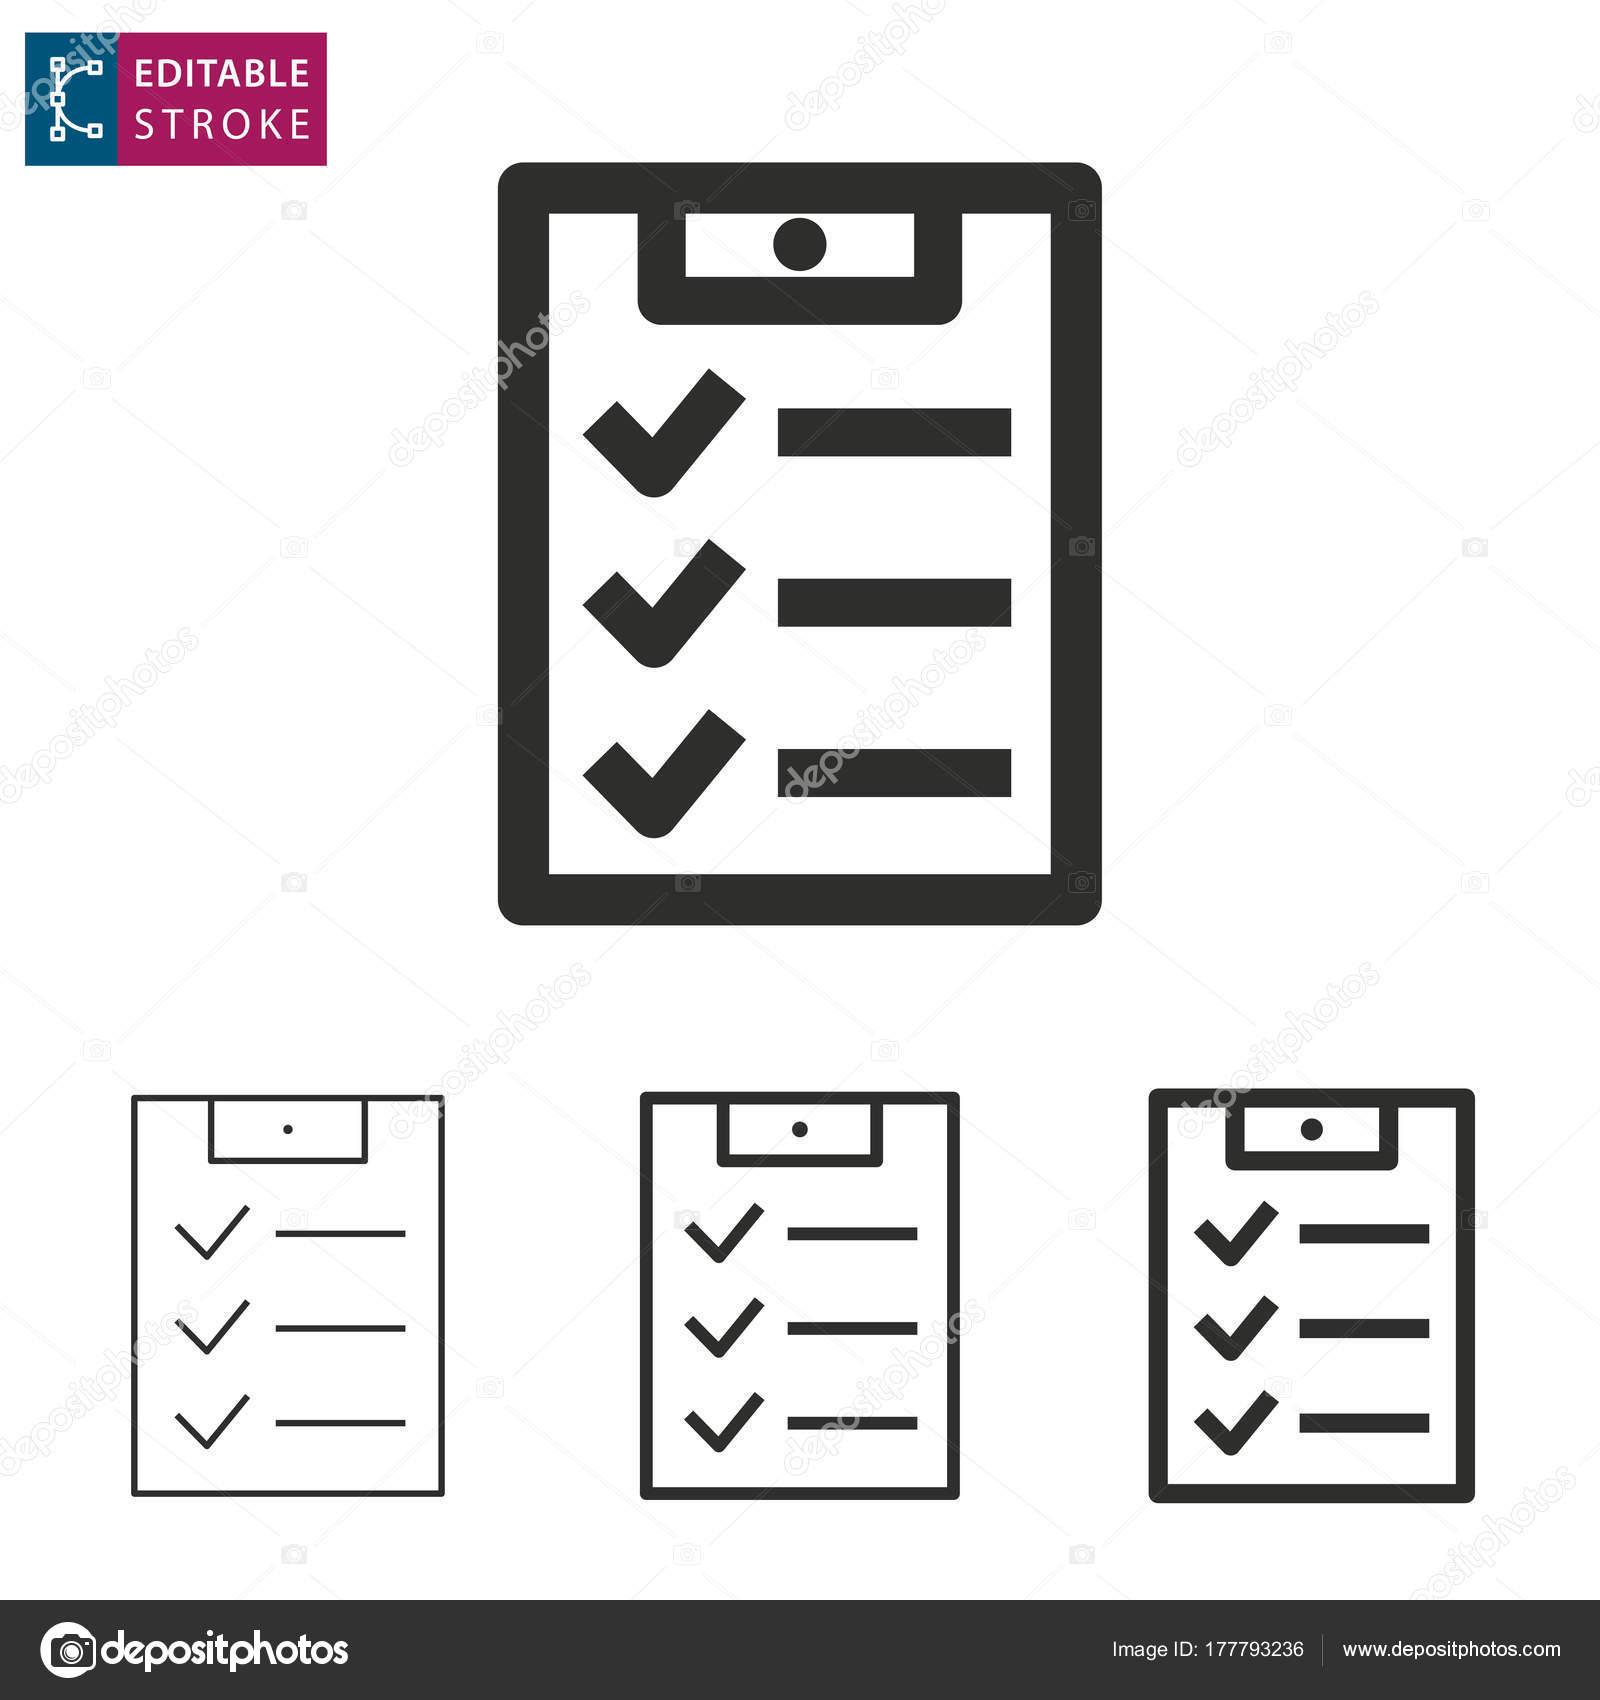 Icono de vector de línea lista de verificación. Movimiento editable ...